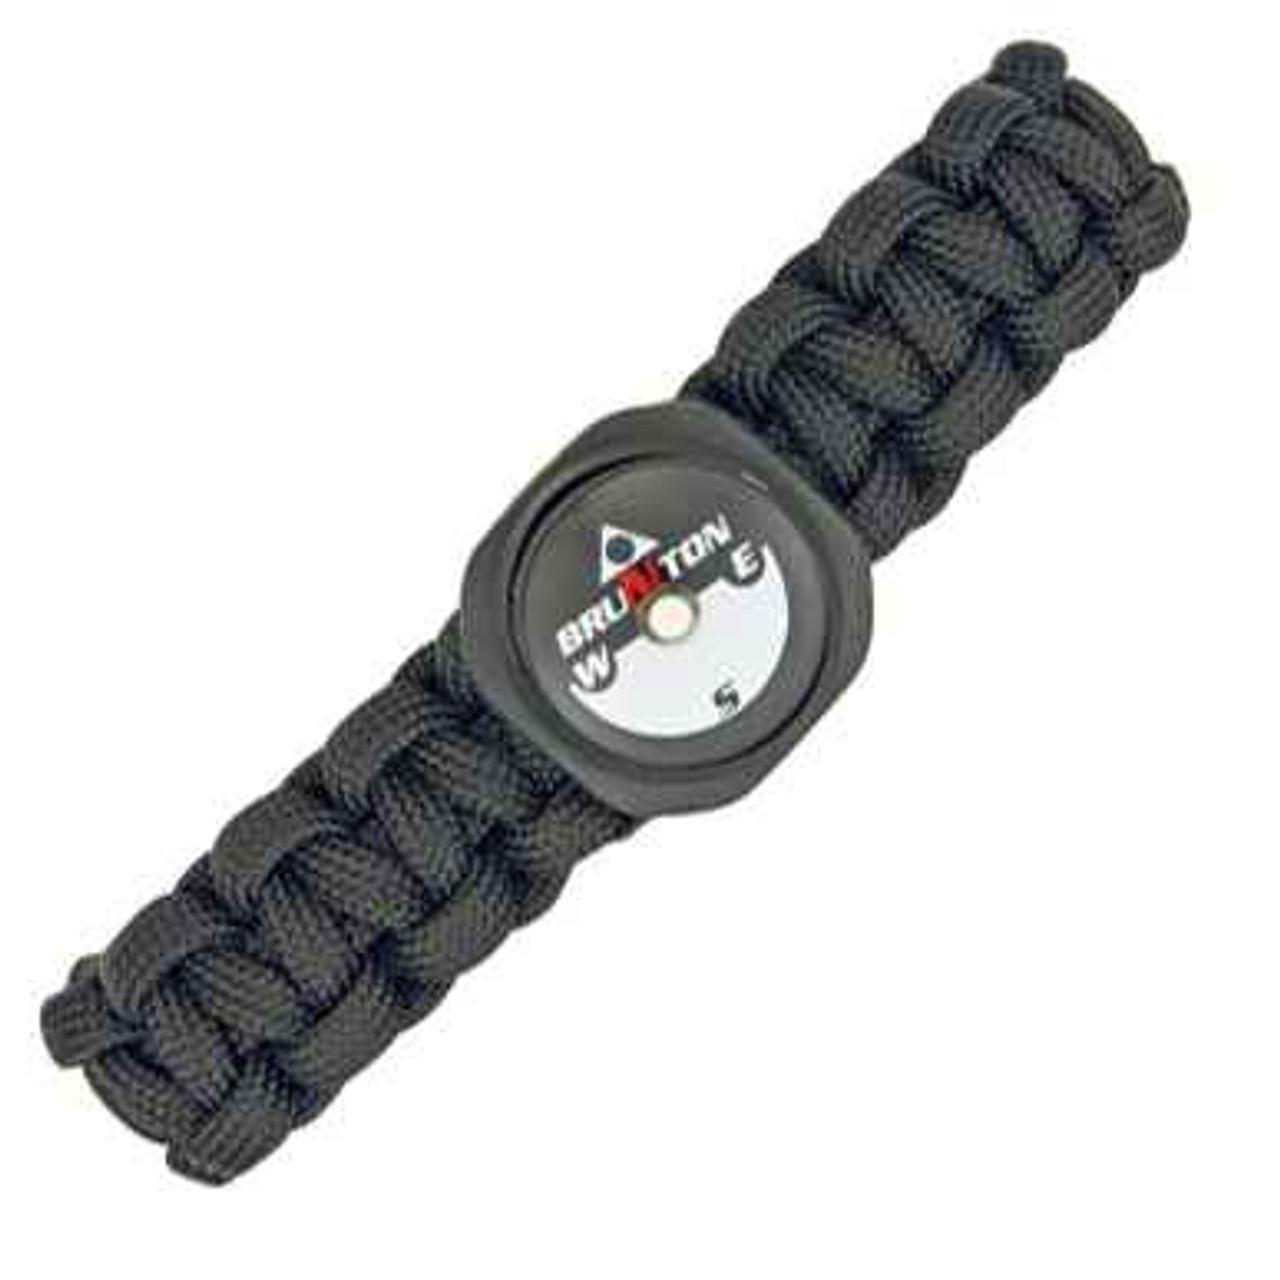 Para Cord Survival Bracelet with Compass. Black Size XL